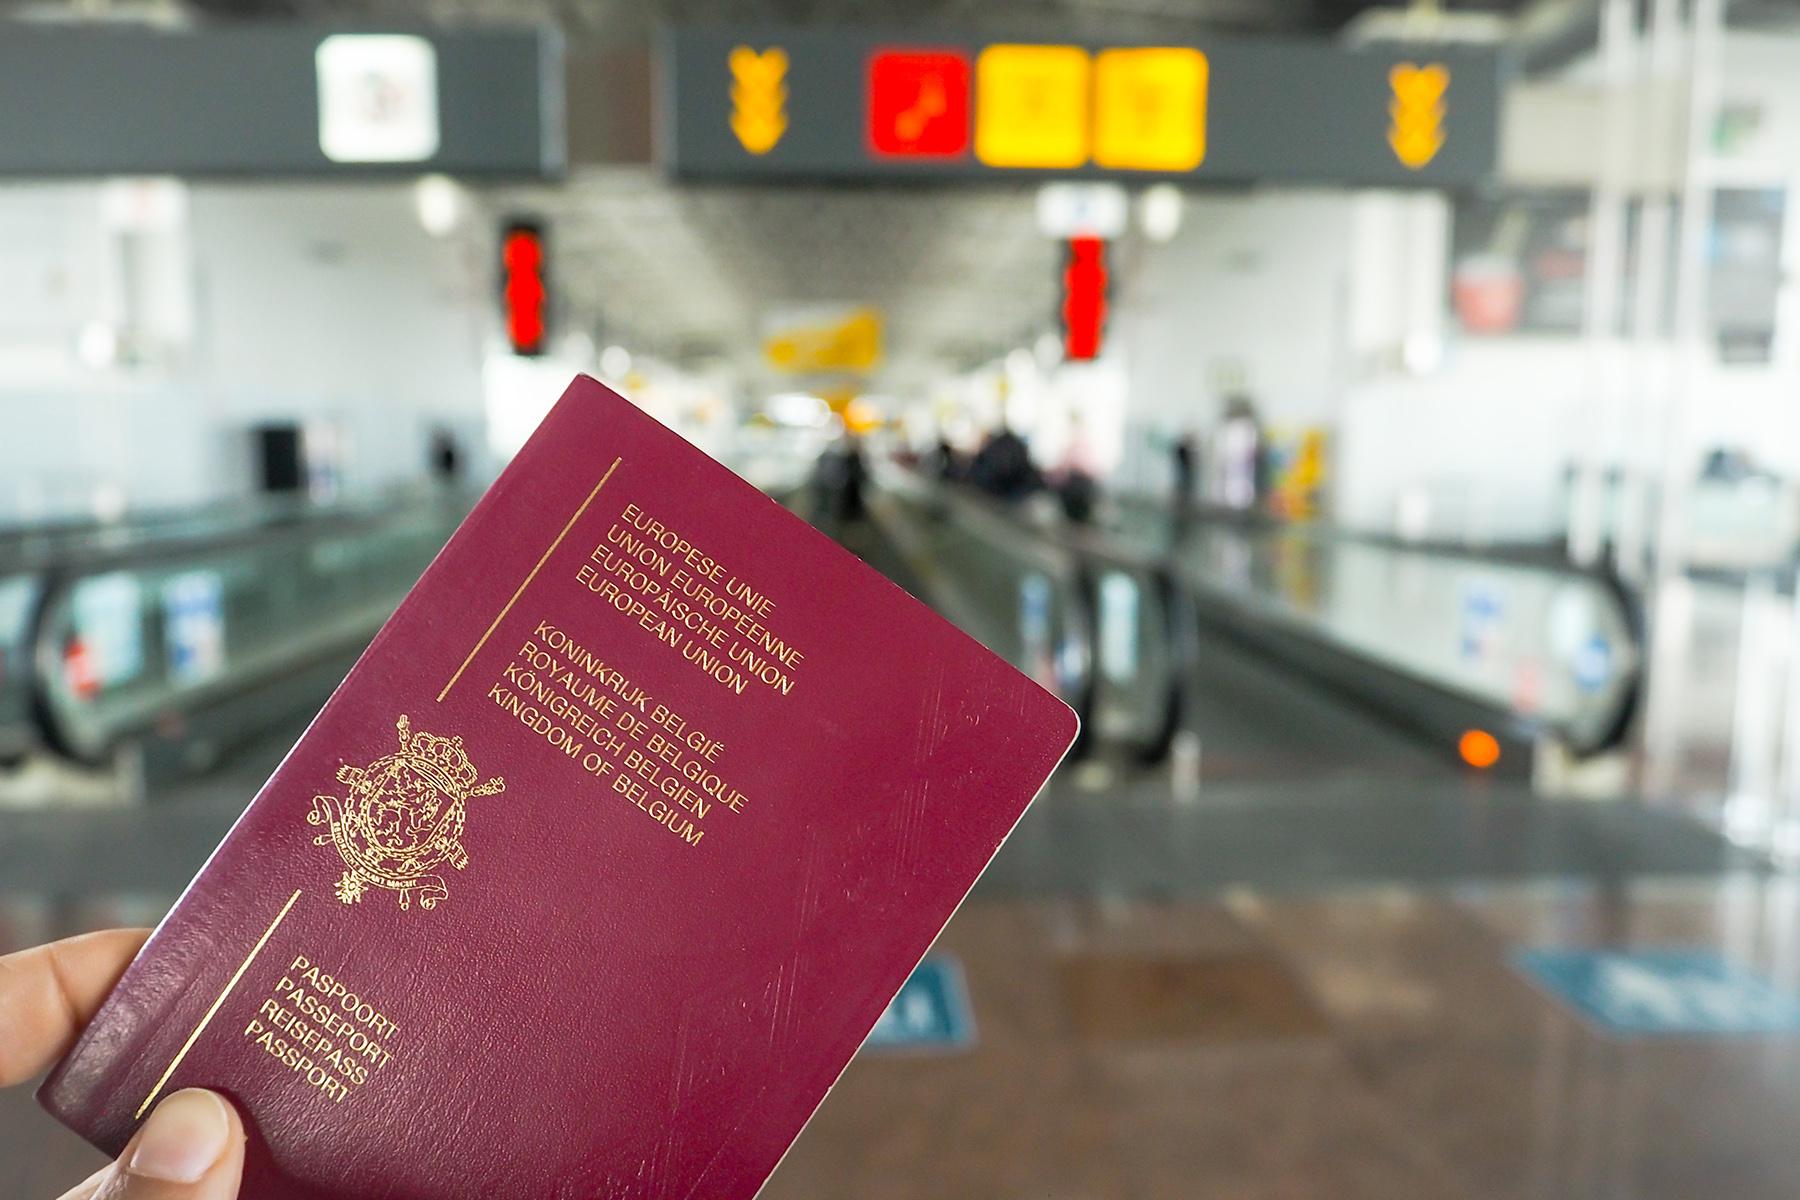 A Belgian passport at an airport